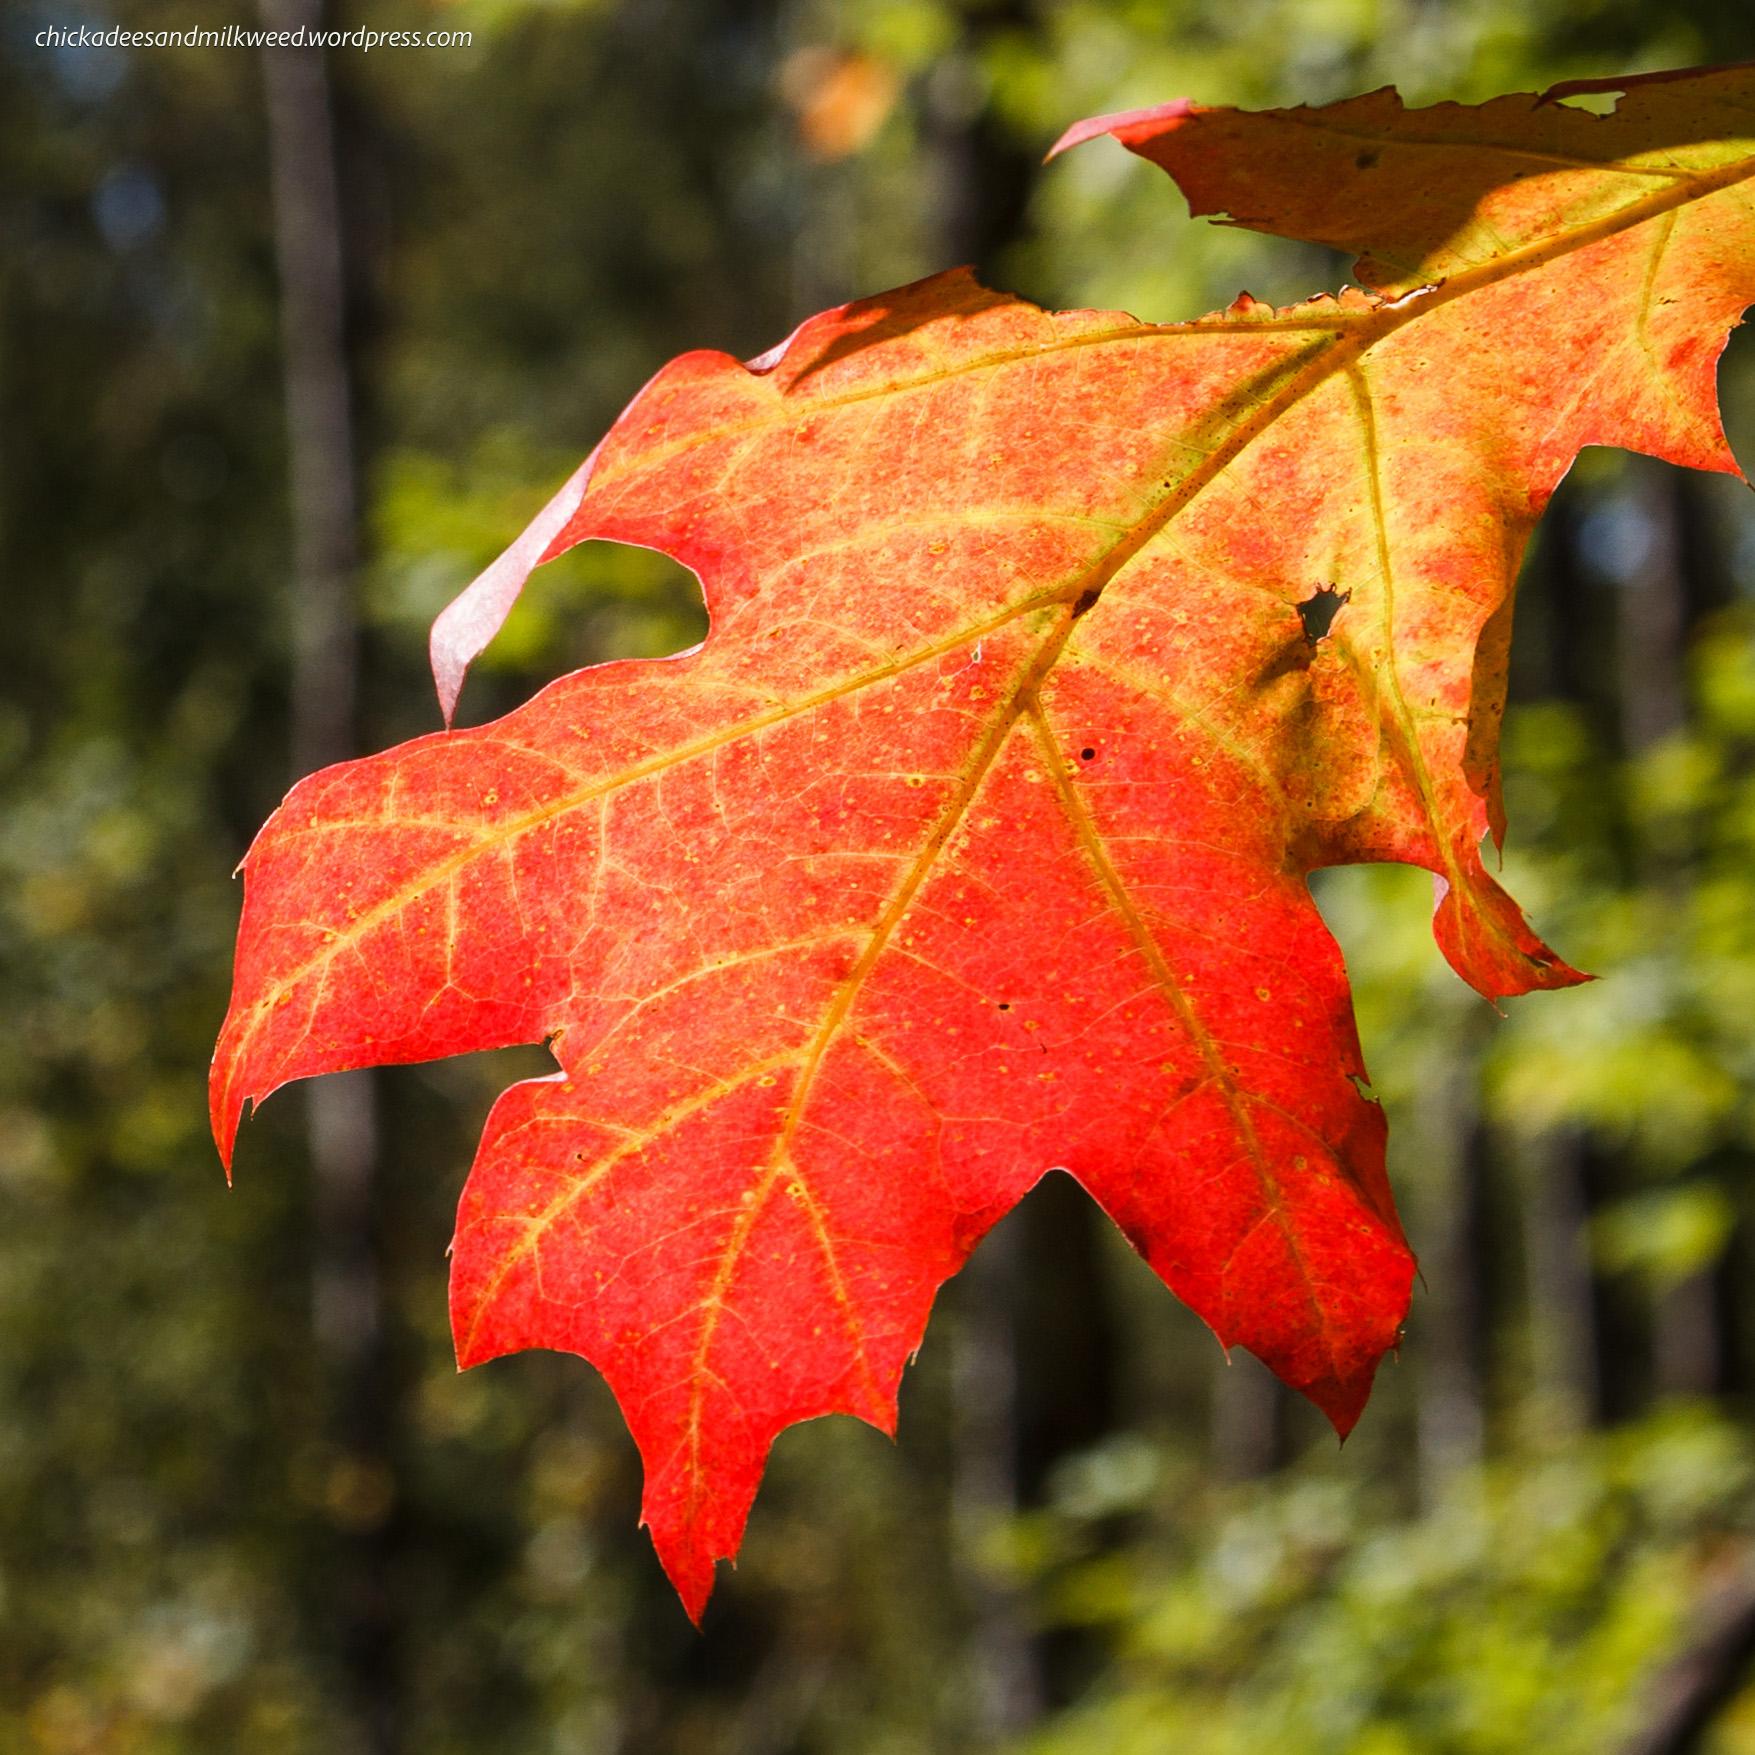 Red oak leaf chickadees and milkweed